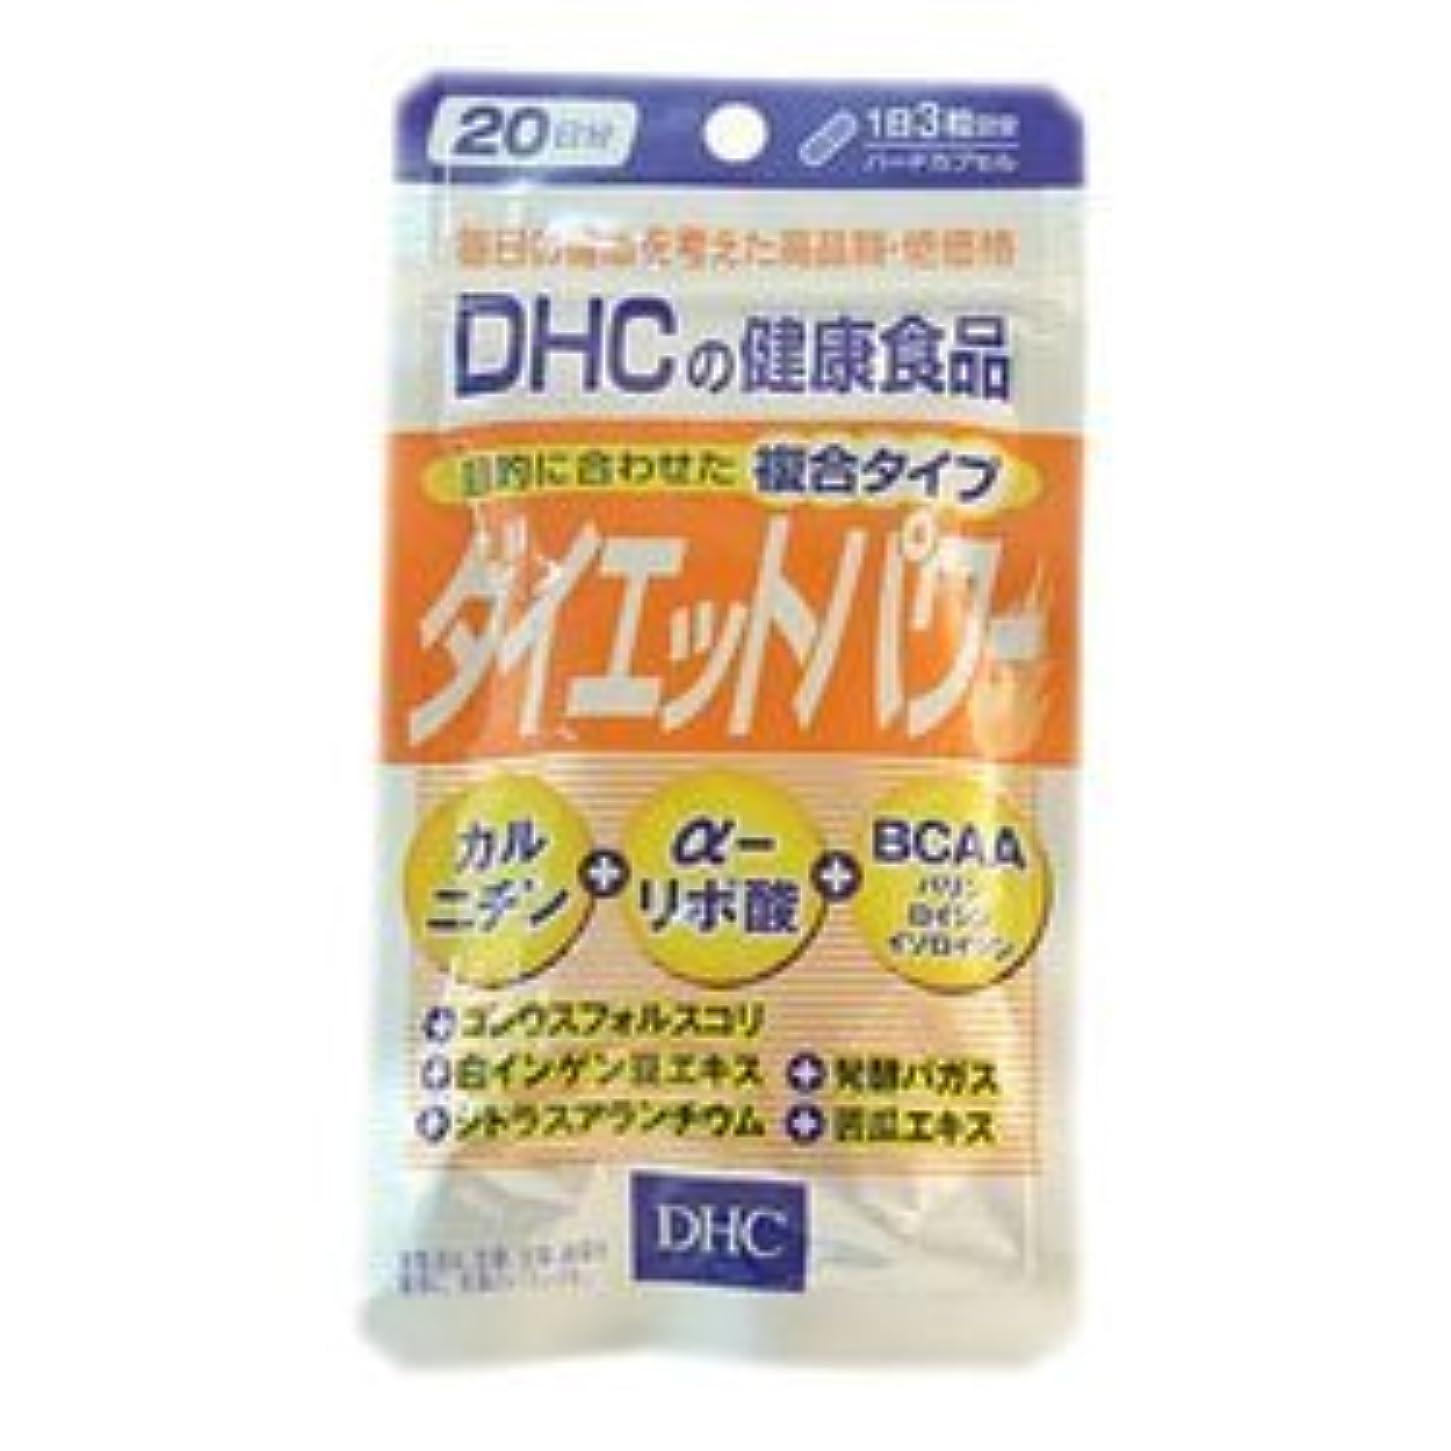 ホステルノーブル正義【DHC】ダイエットパワー 20日分 (60粒) ×20個セット